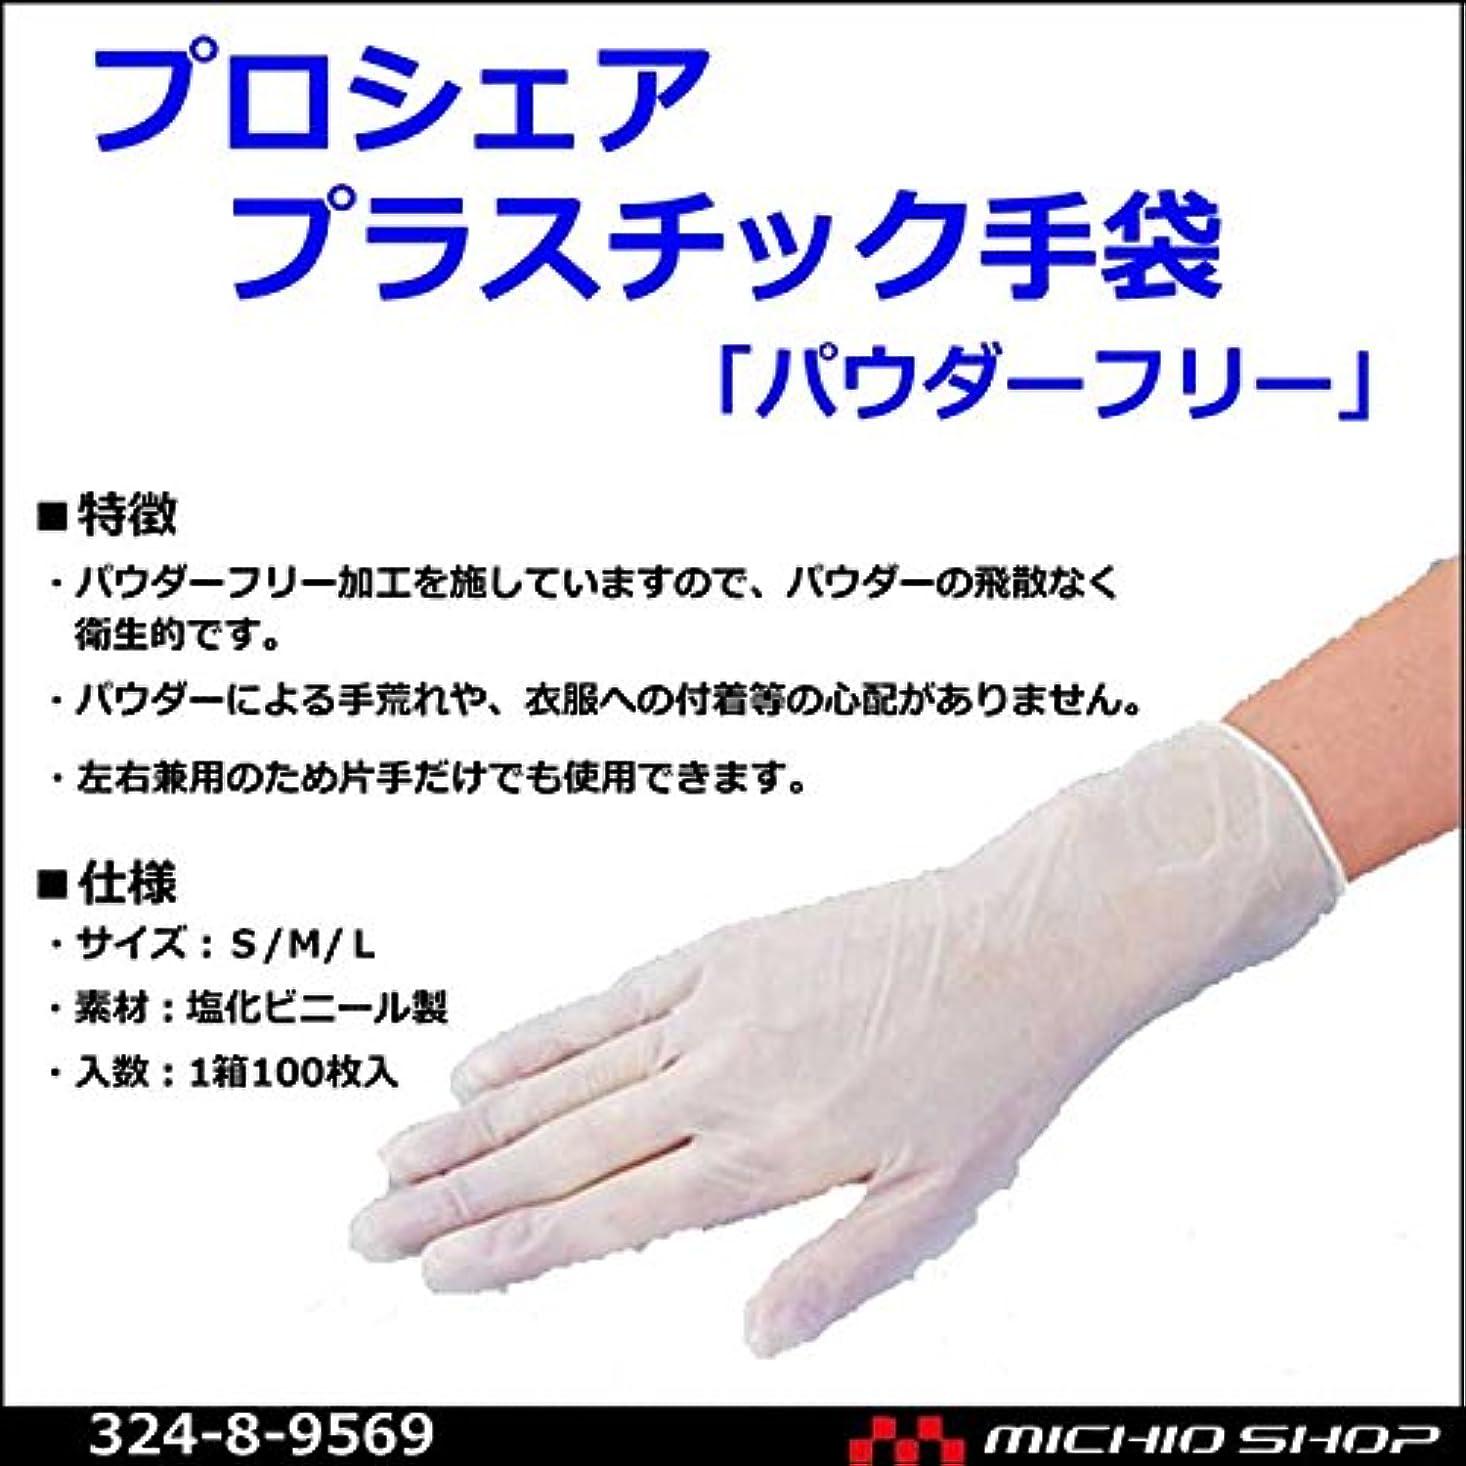 偽物赤導出アズワン プロシェアプラスチック手袋 100枚入 8-9569 02 M